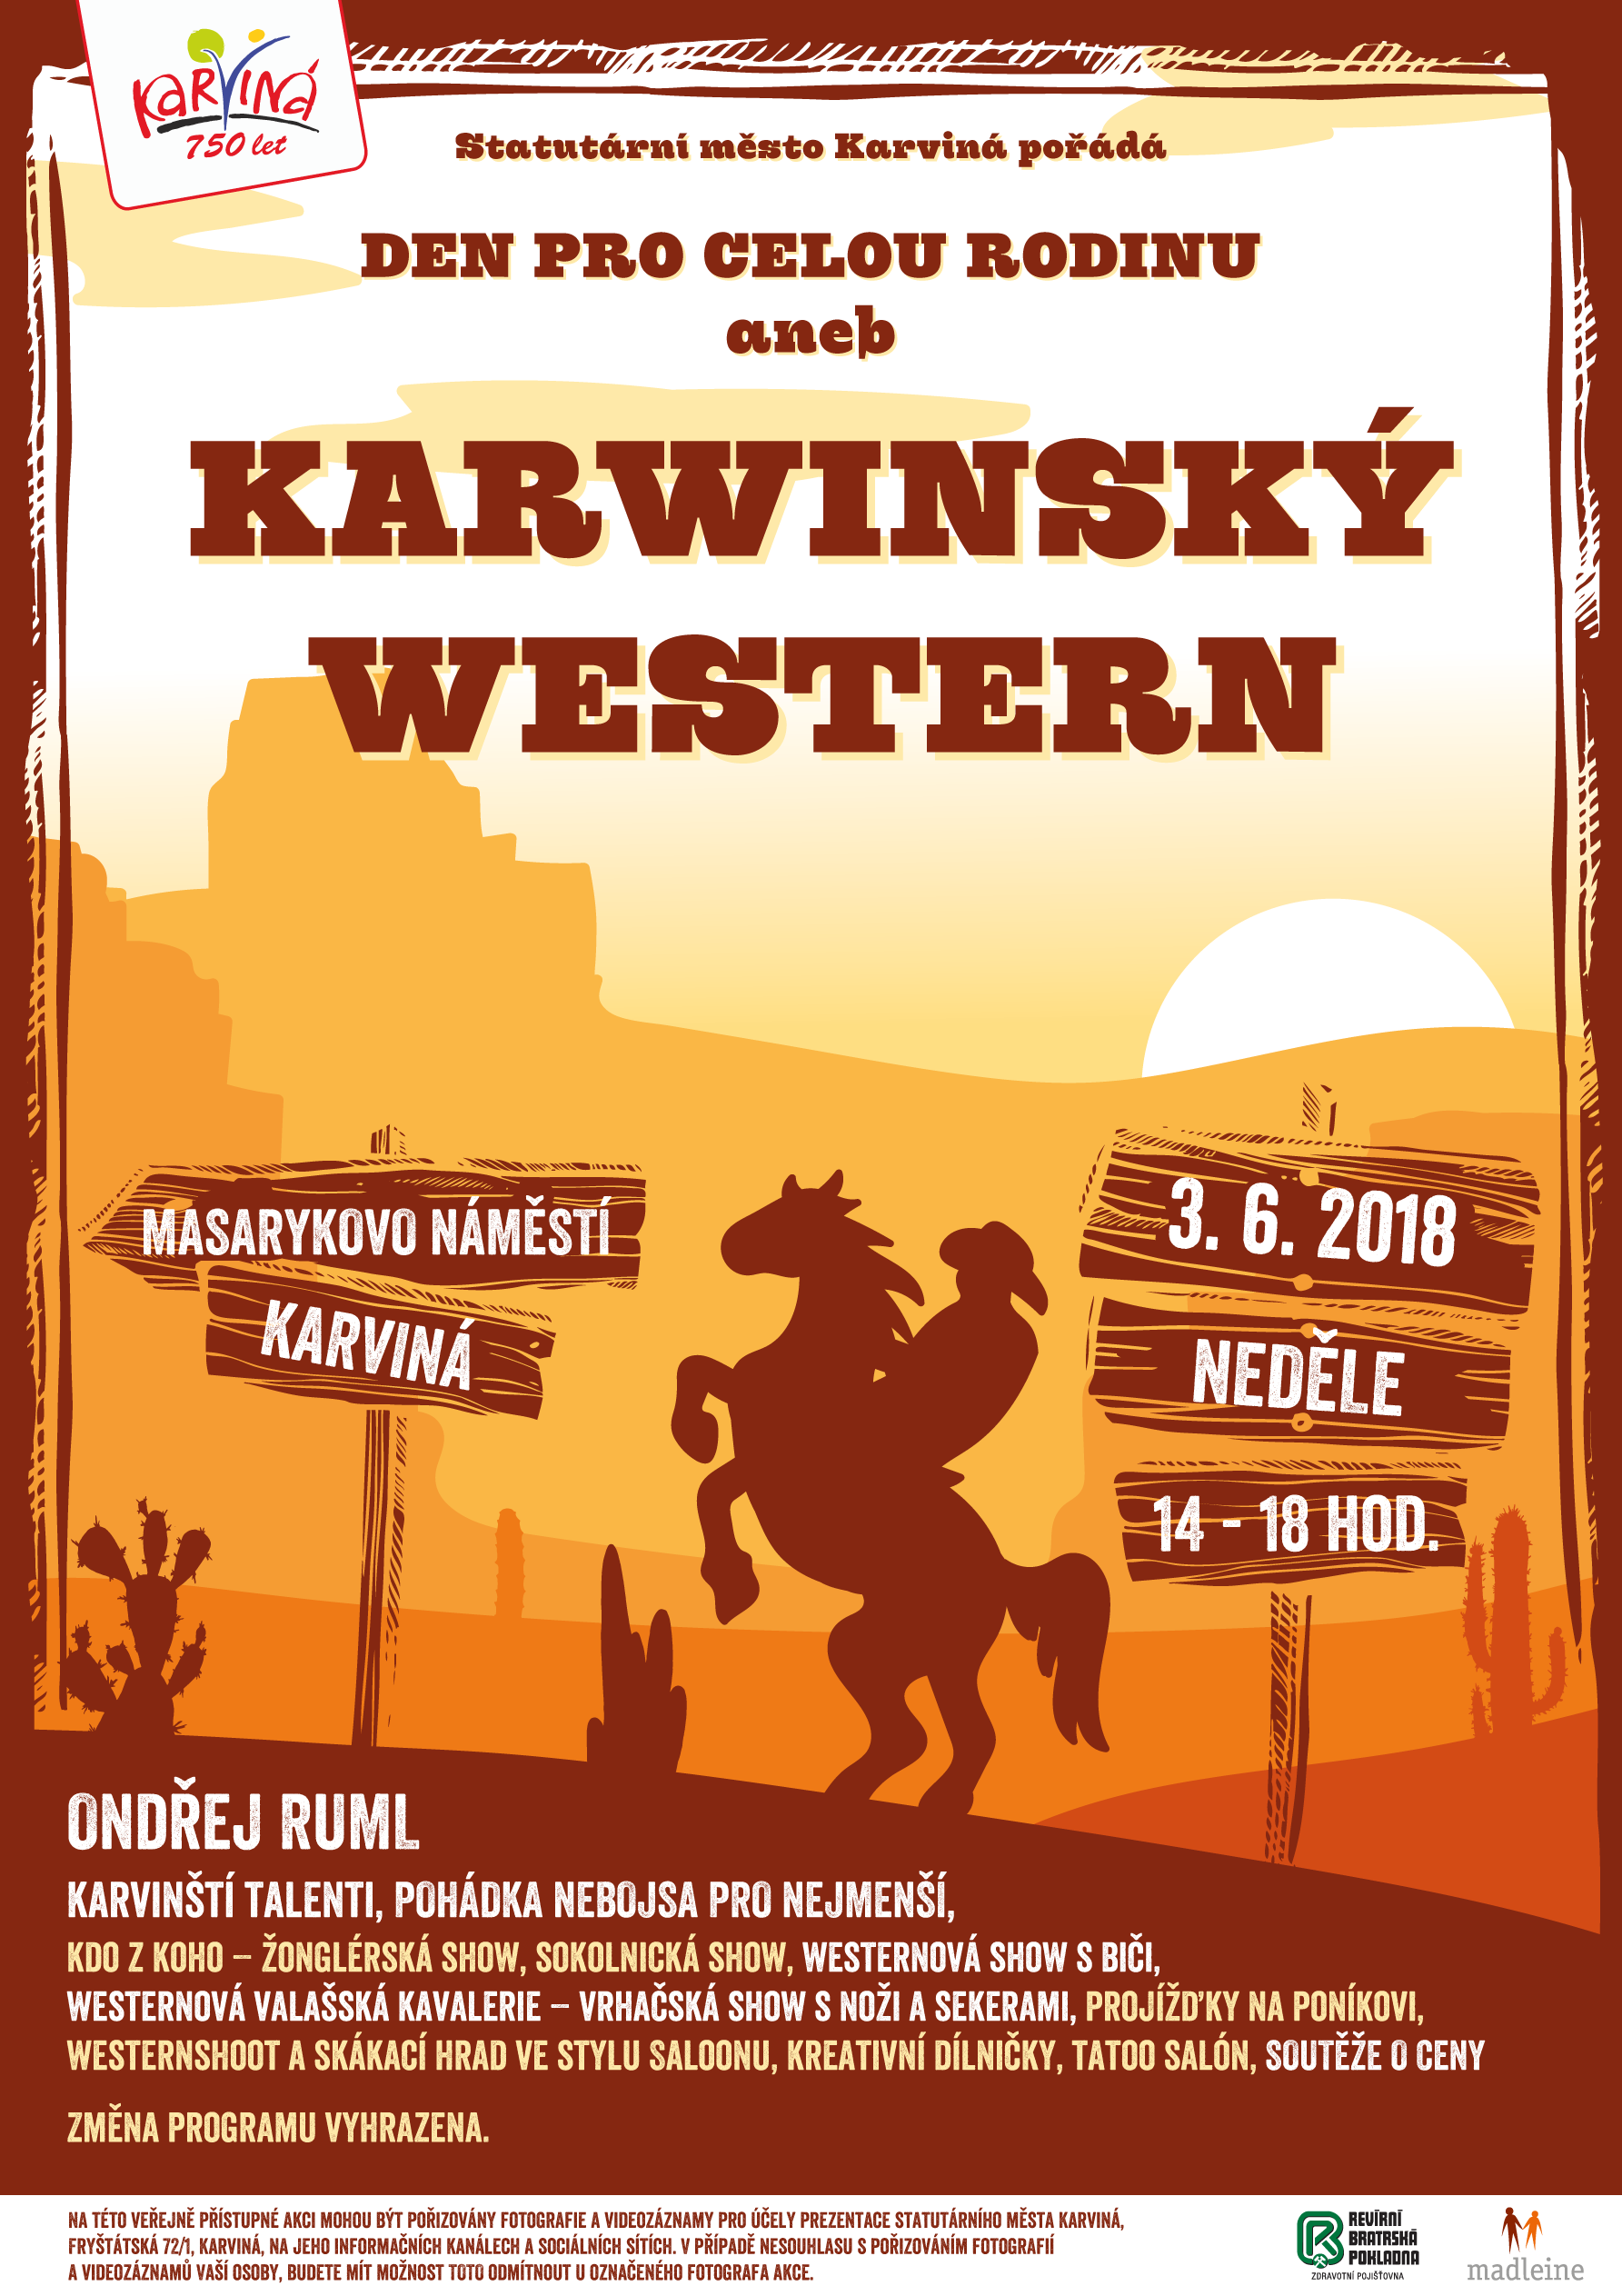 2198-den-pro-celou-rodinu-aneb-karwinsky-western.png